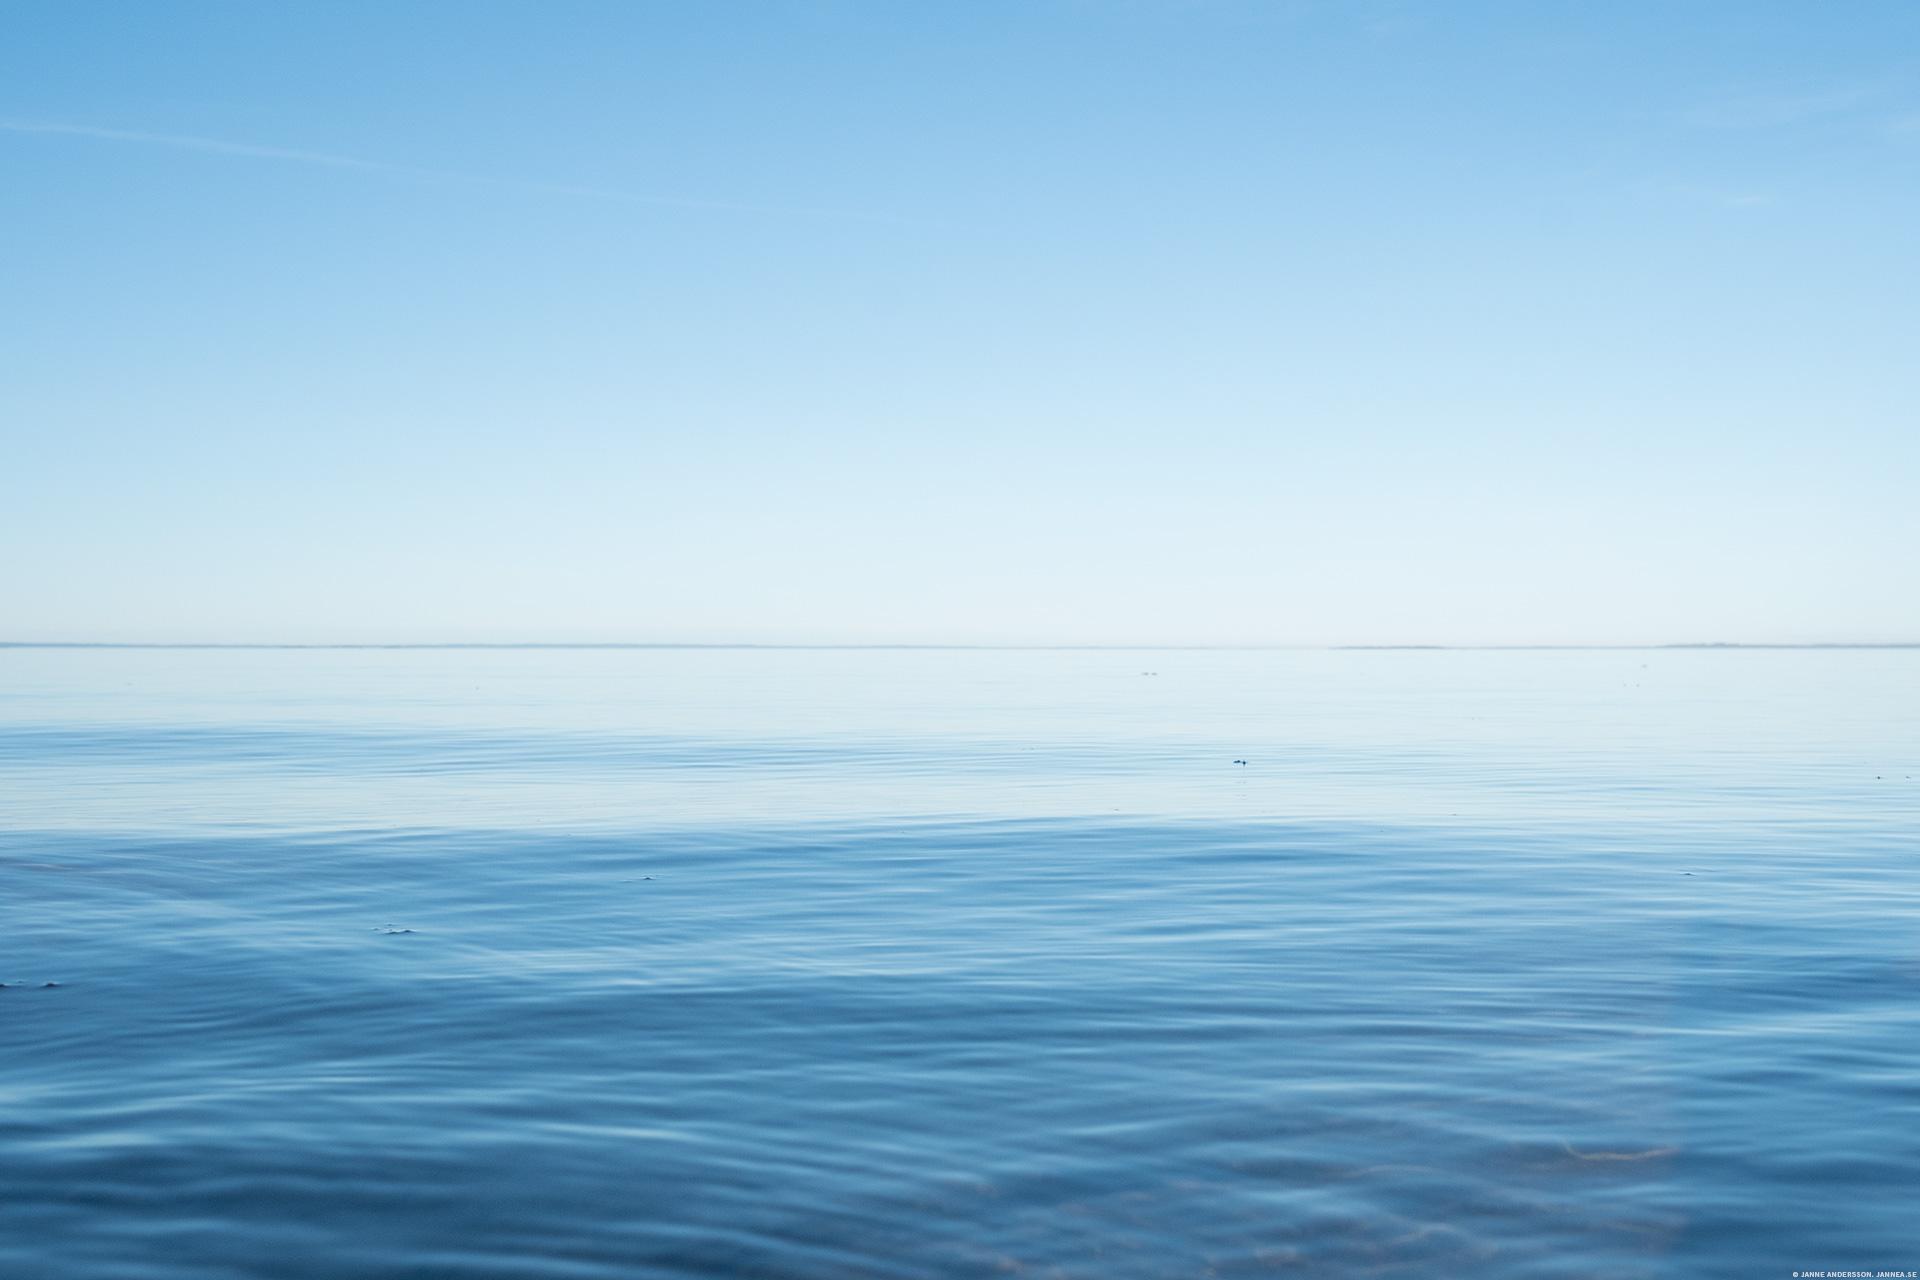 Vätterns vida vatten och klarblå himmel | © Janne A